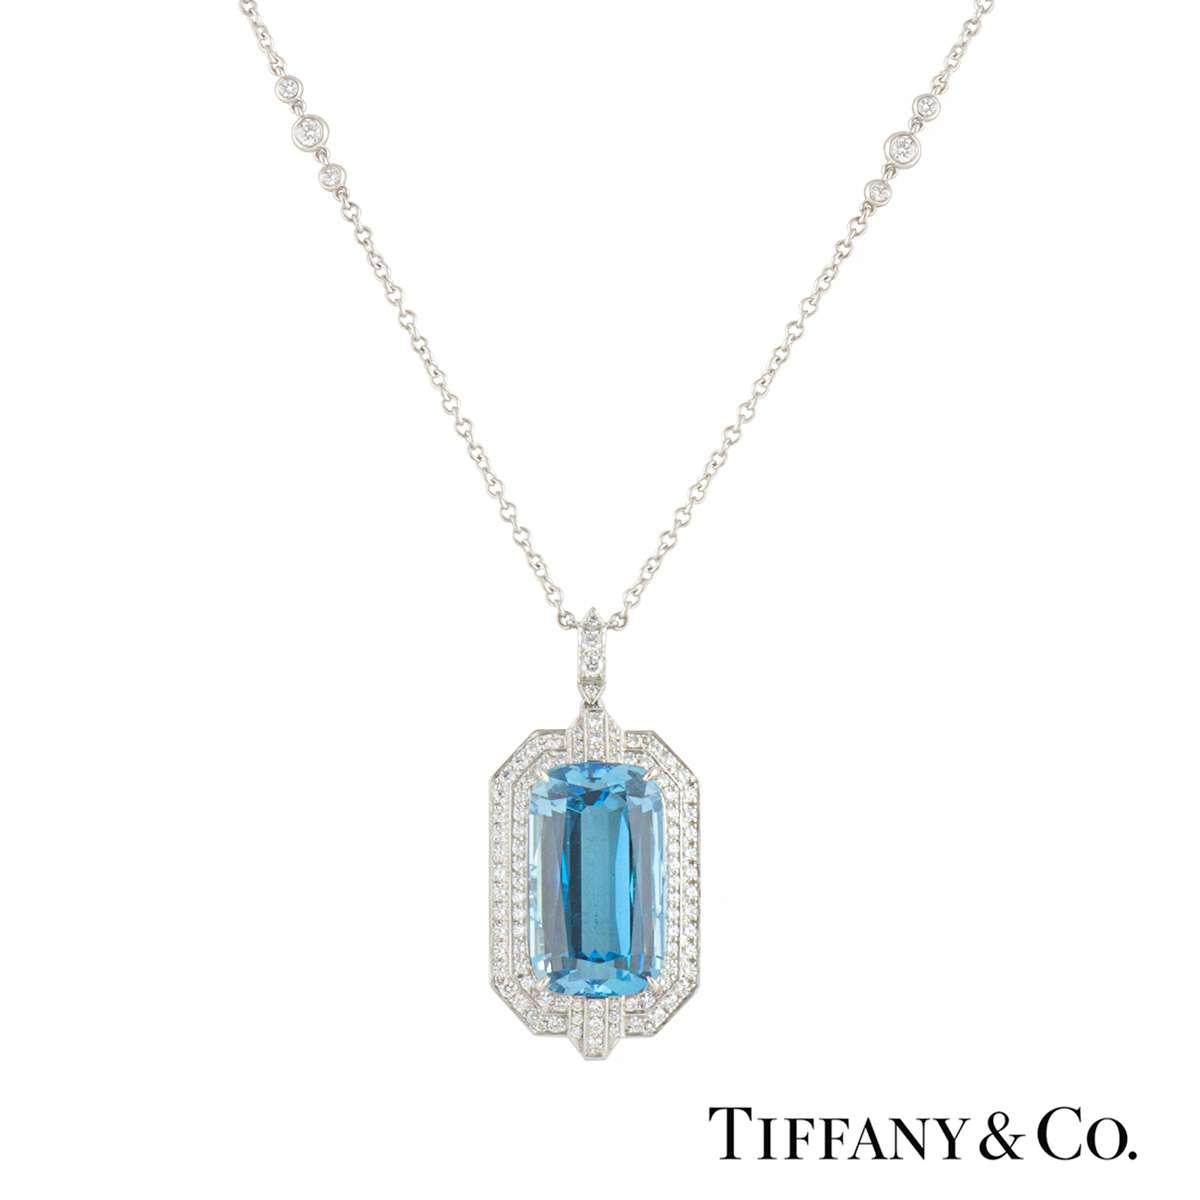 Tiffany & Co, Platinum Aquamarine & Diamond Pendant